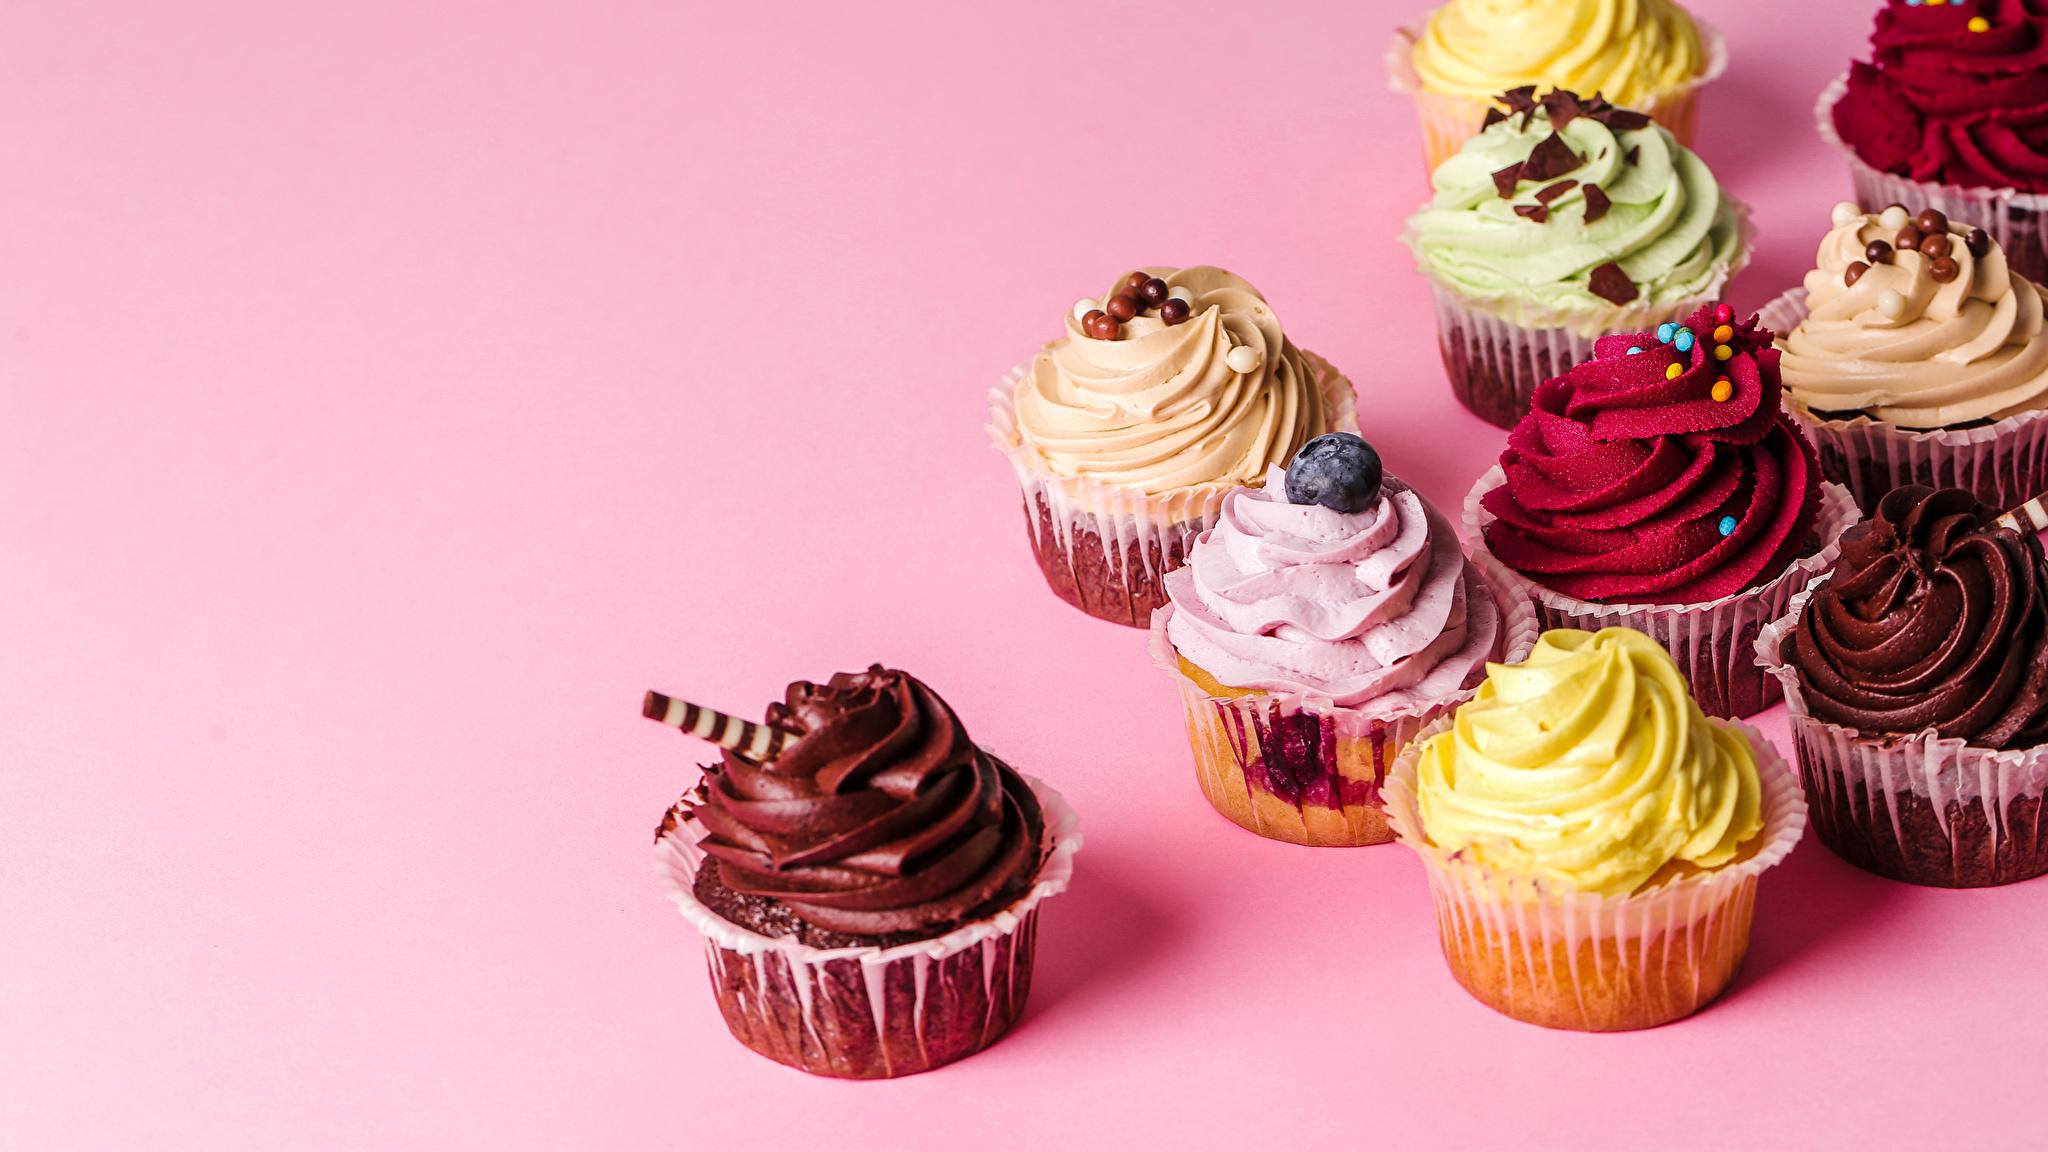 Bilder von Mehrfarbige Lebensmittel Törtchen Design Farbigen hintergrund 2048x1152 Bunte